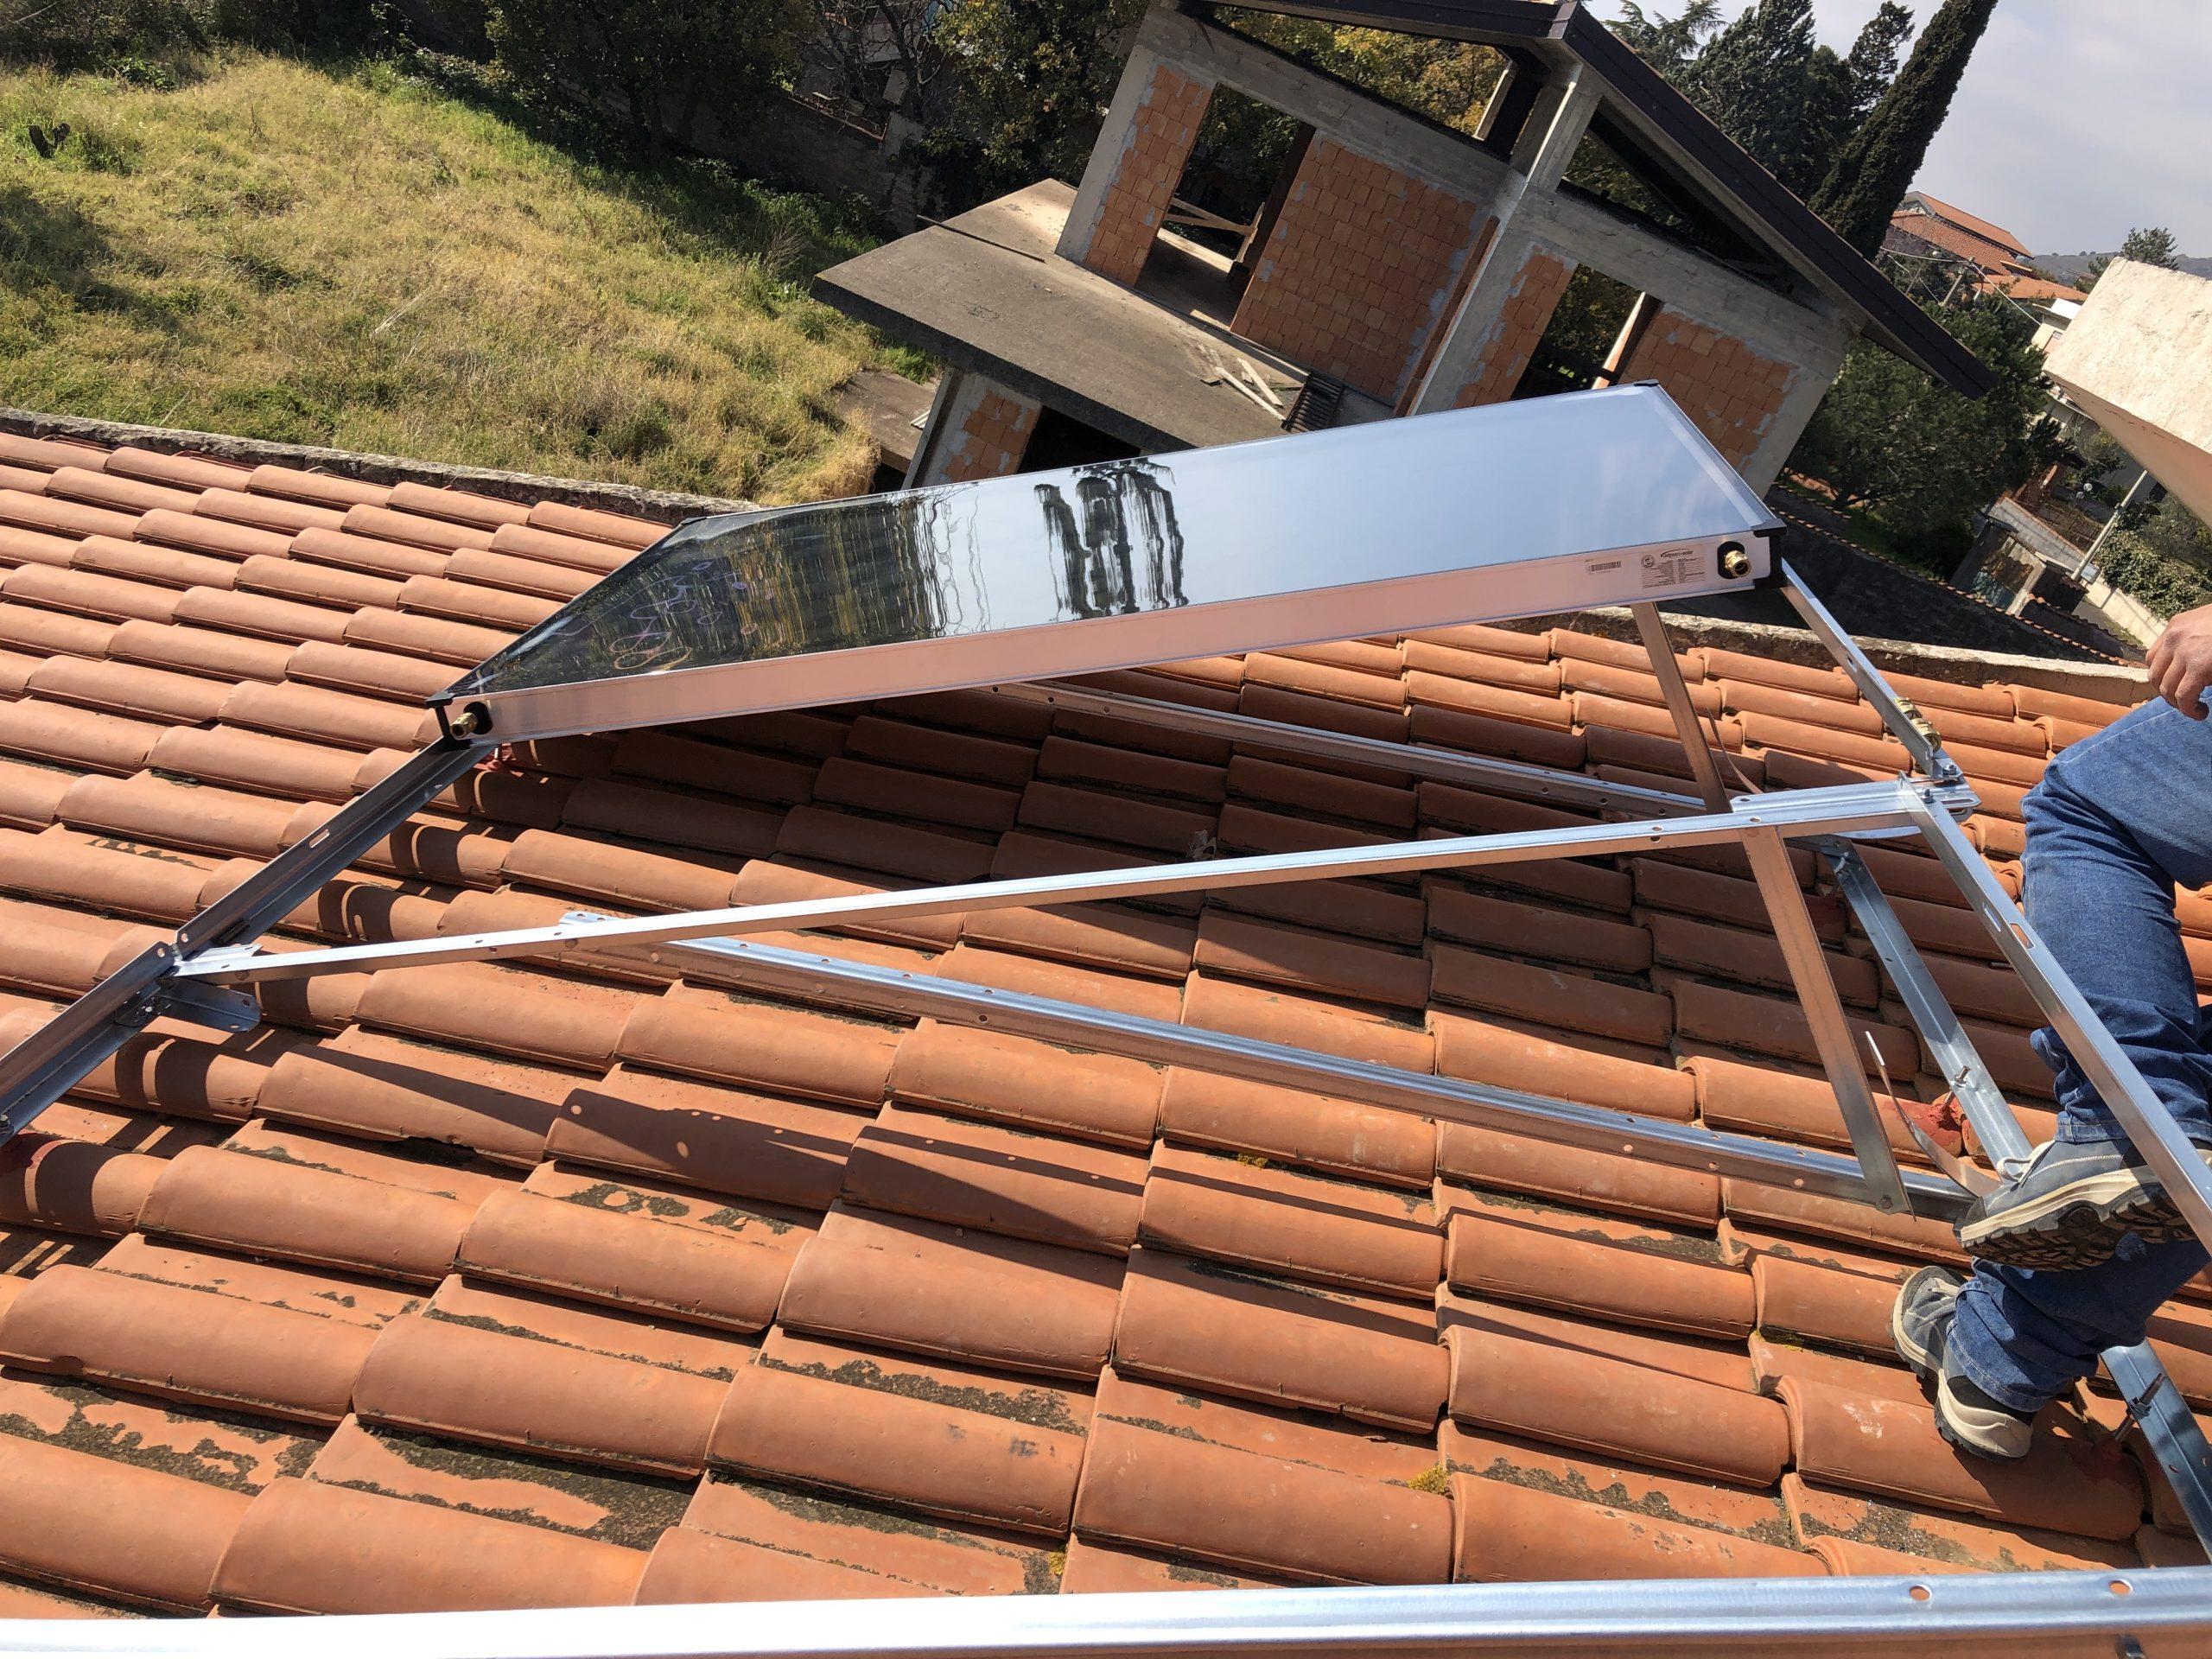 inizio installazione di un pannello solare sul tetto tegolato